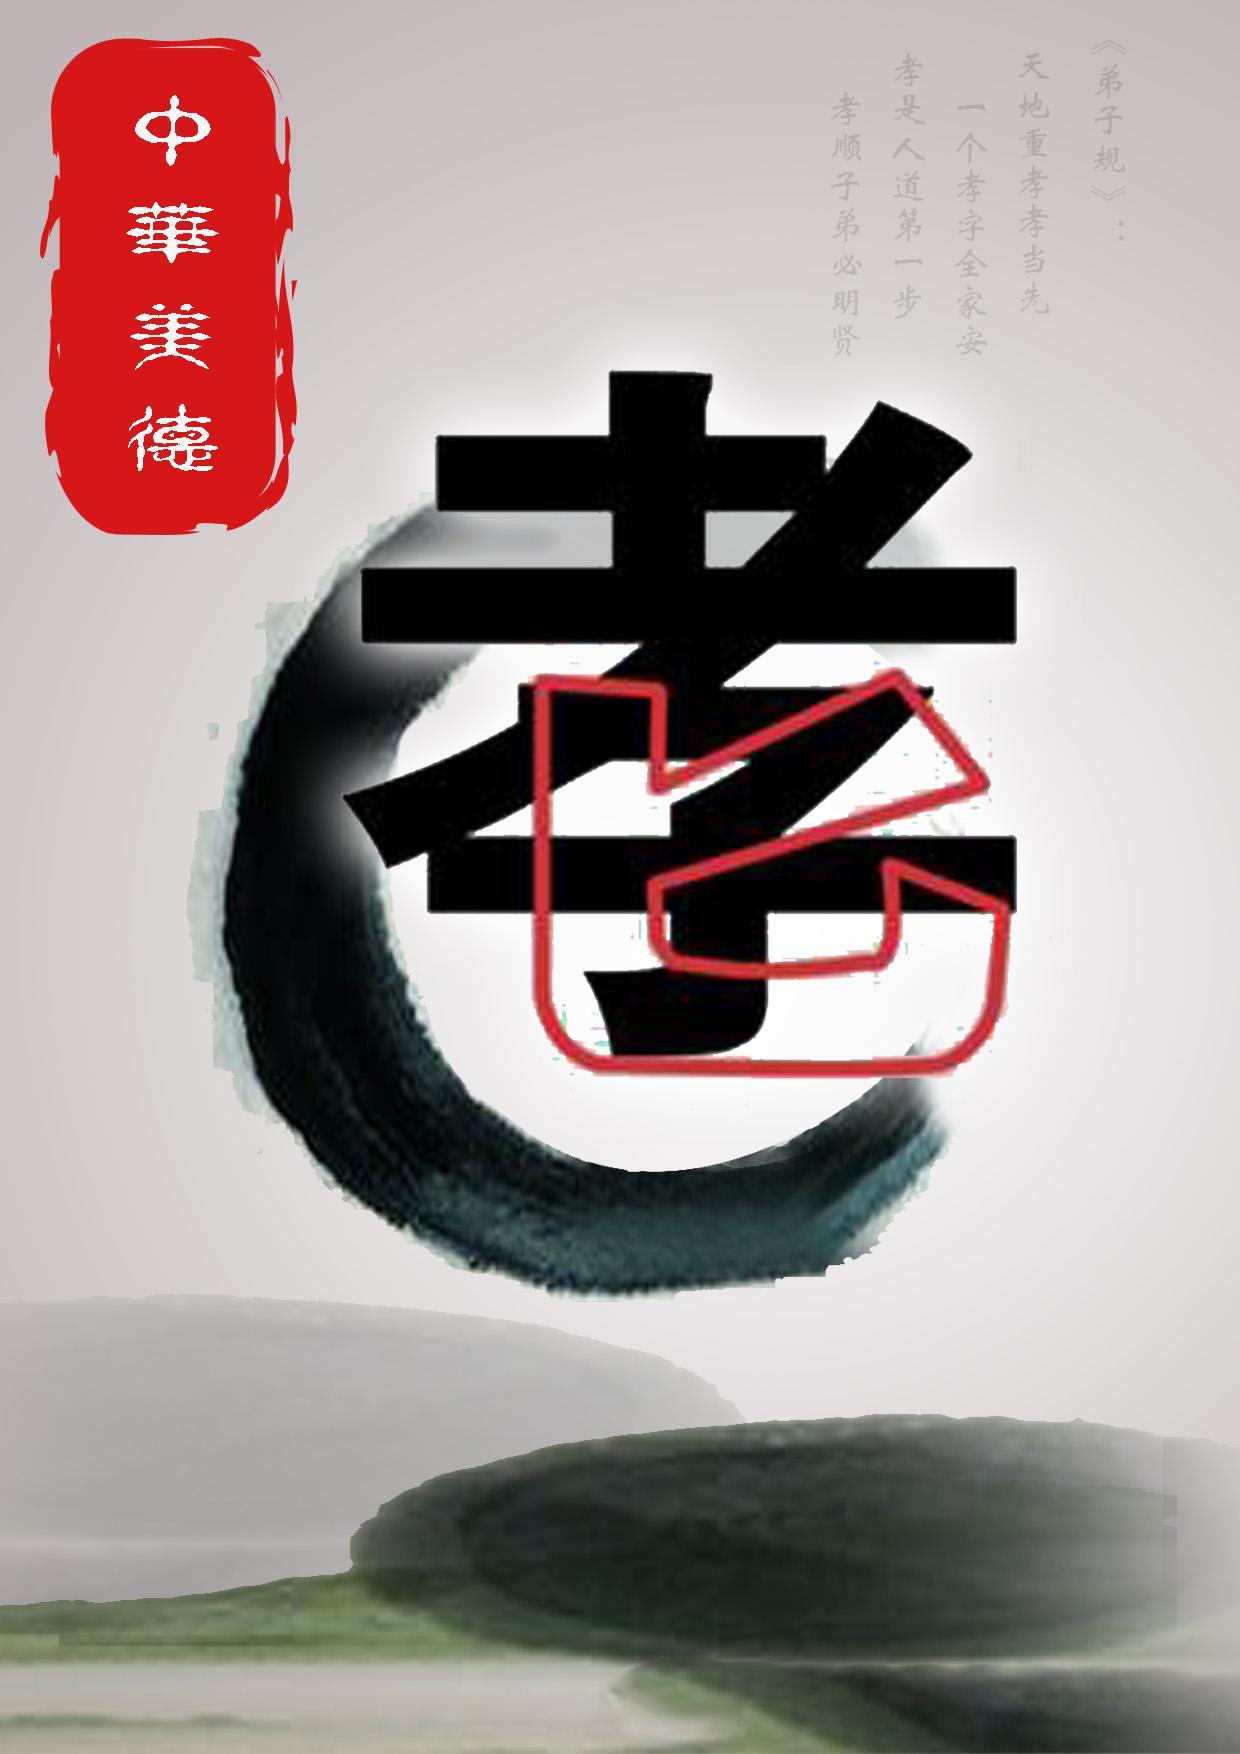 公益广告(孝)|平面|海报|分手后还是兄弟 - 原创作品图片